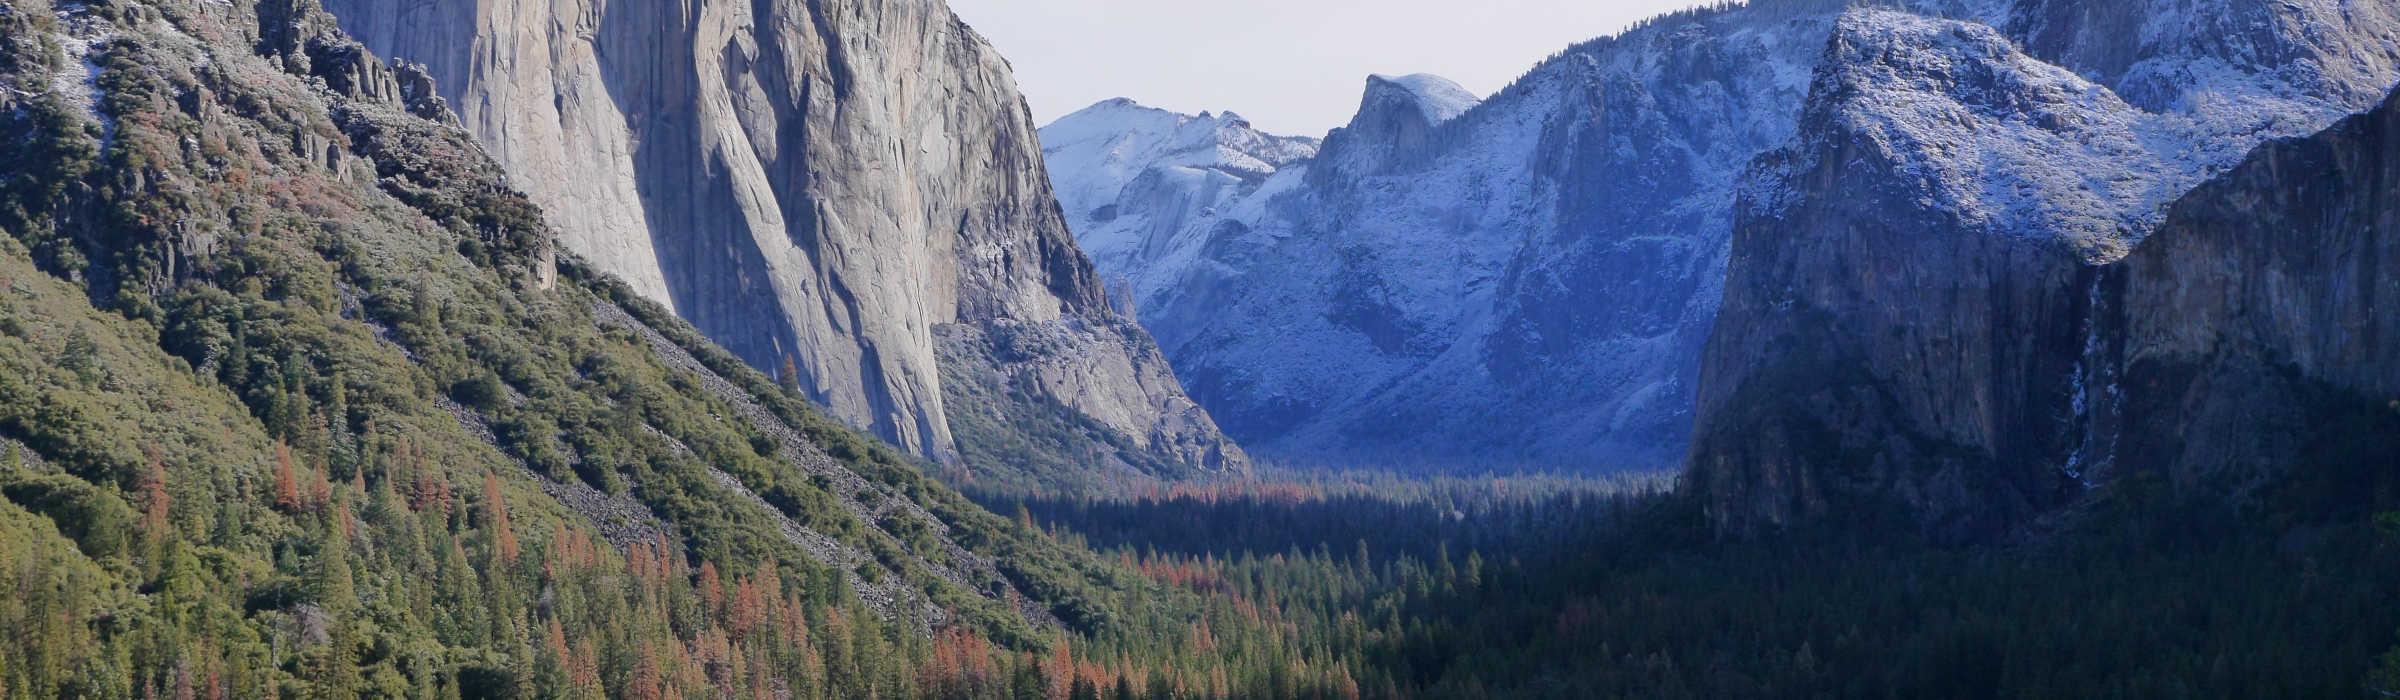 Mountains at Yosemite